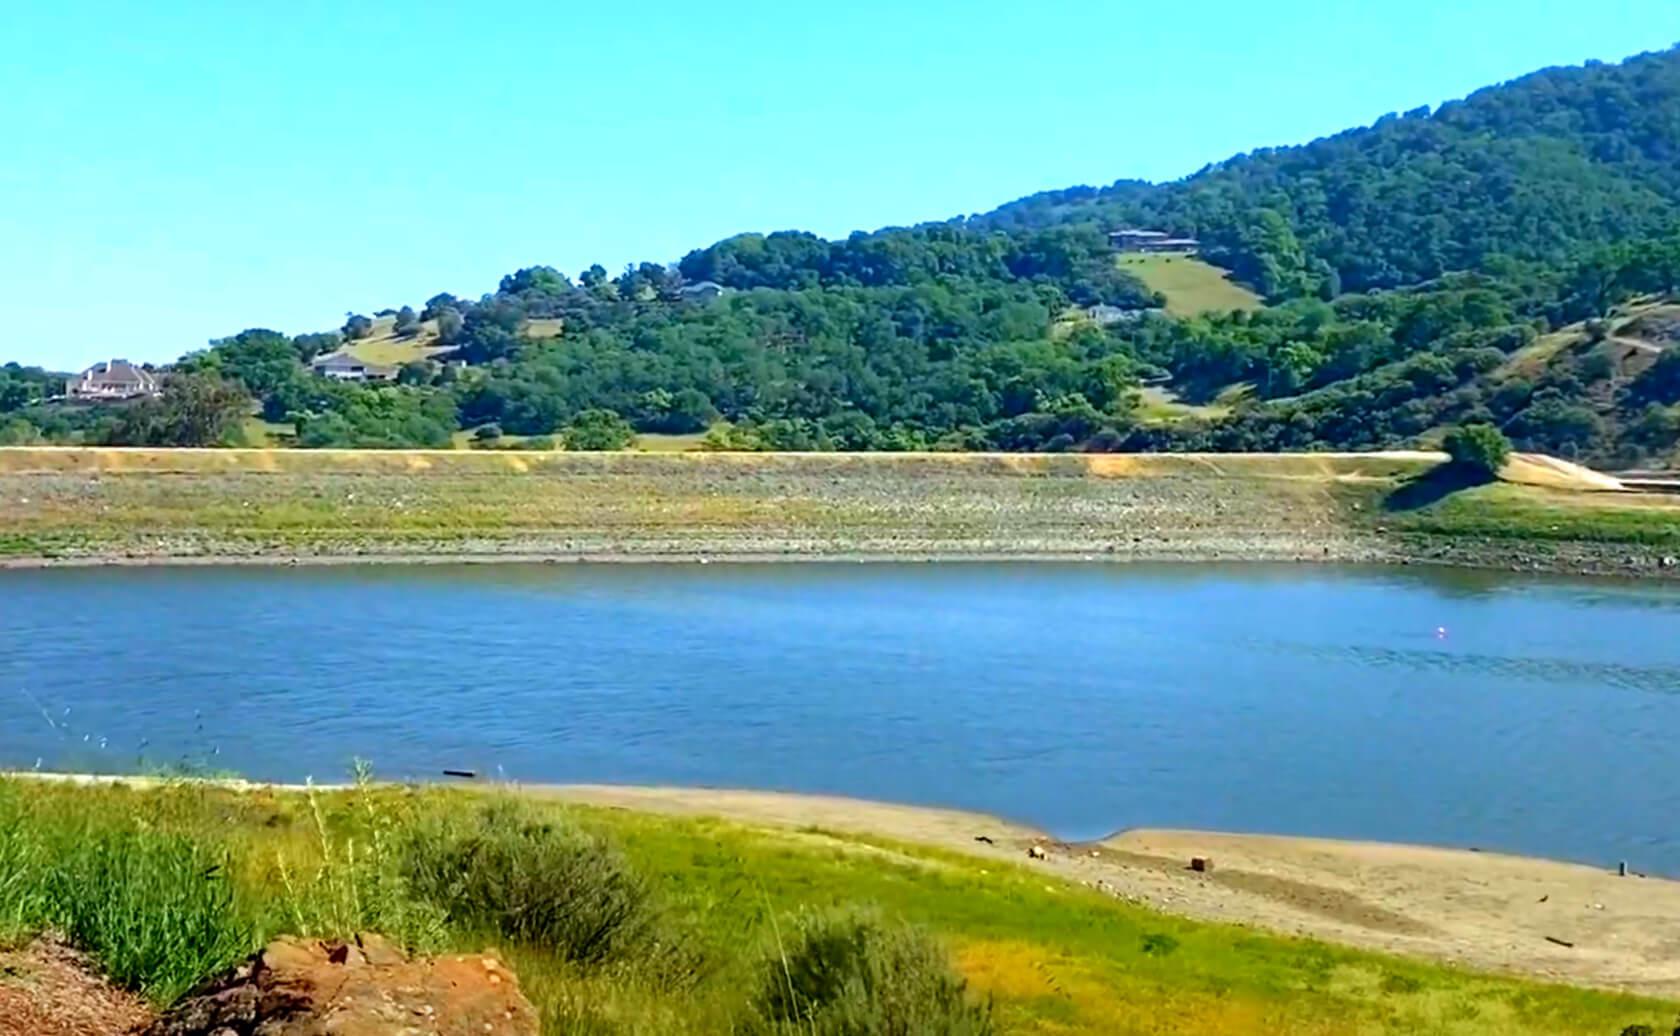 Chesbro-Reservoir-Lake-Fishing-Guide-Report-San-Jose-CA-05